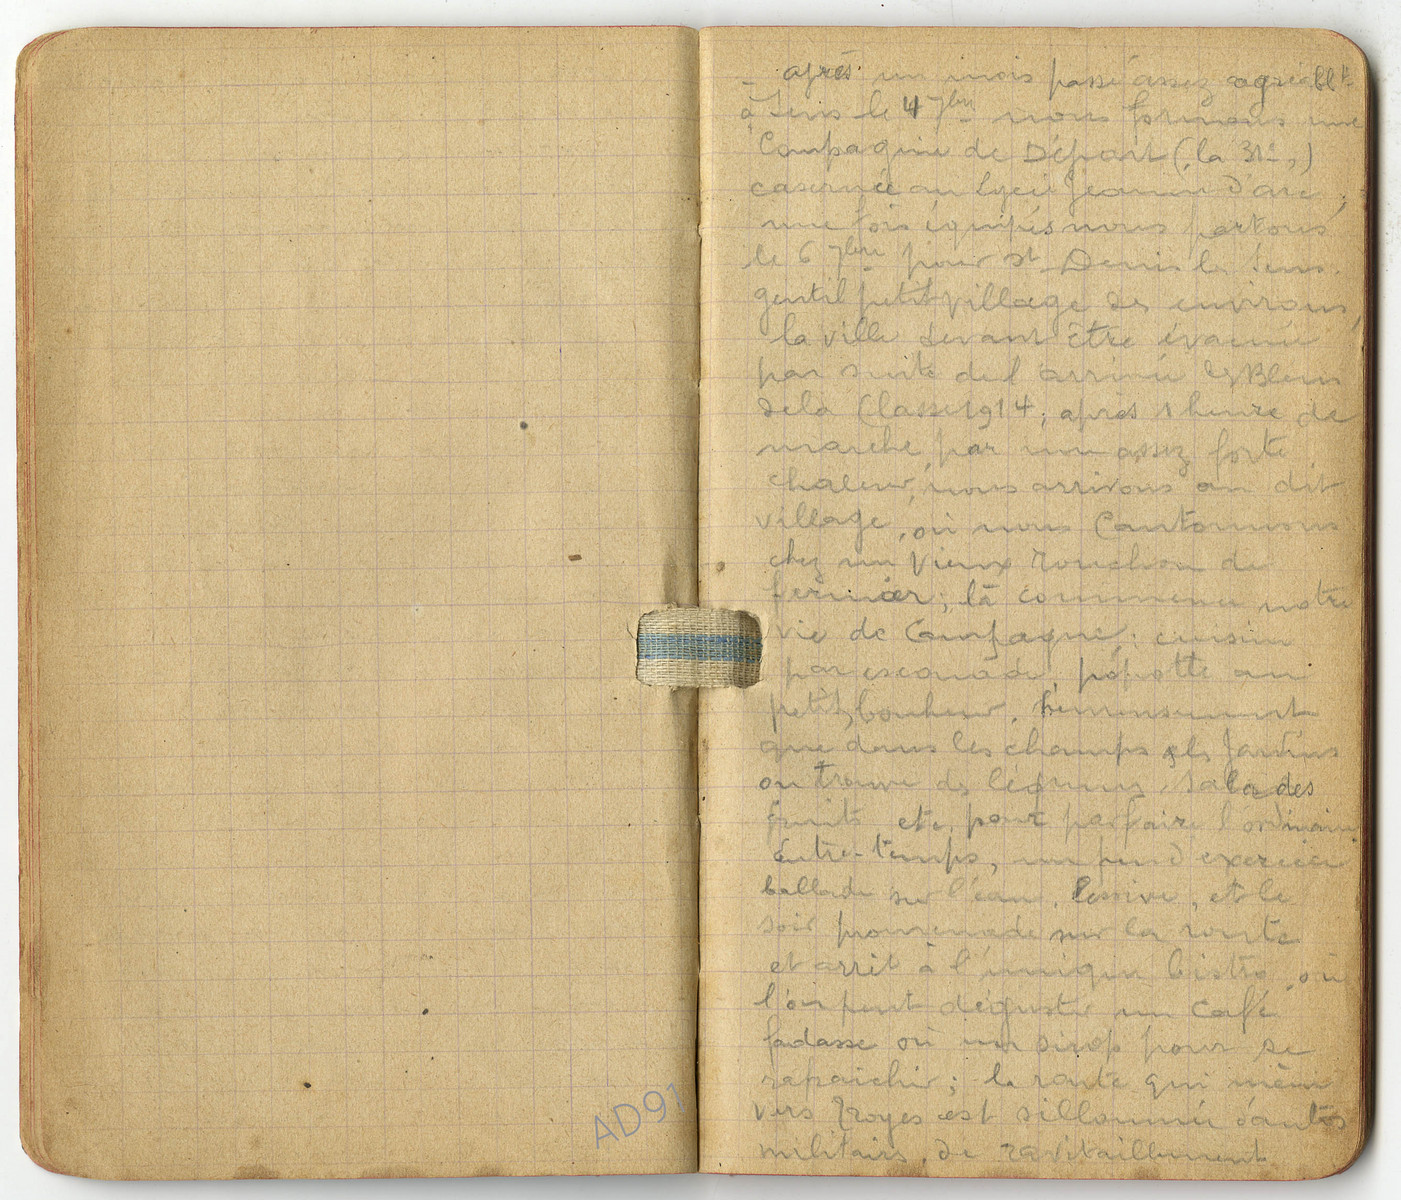 7 – Carnet des « souvenirs de campagne » d'Eugène Levet, extrait du 4 septembre 1914. (032NUM045/010)